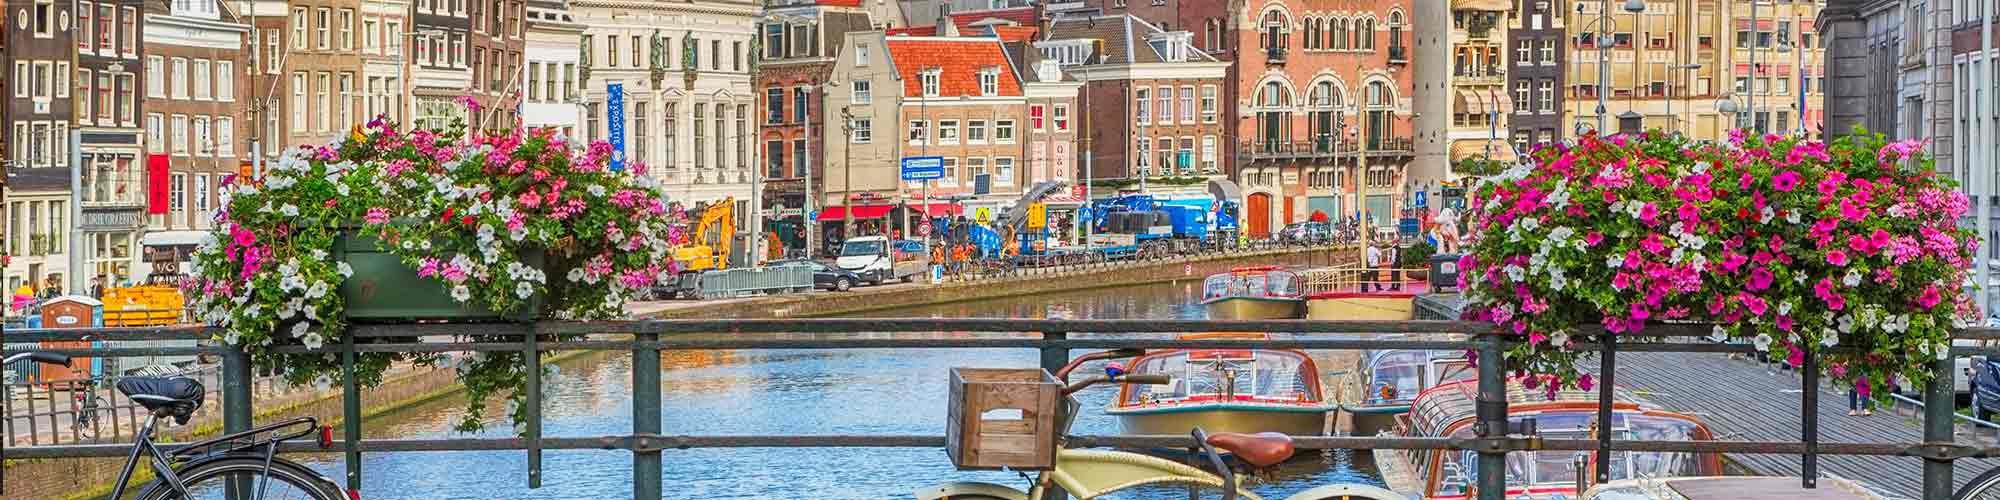 Alemania y Países Bajos - EL PAIS Viajes